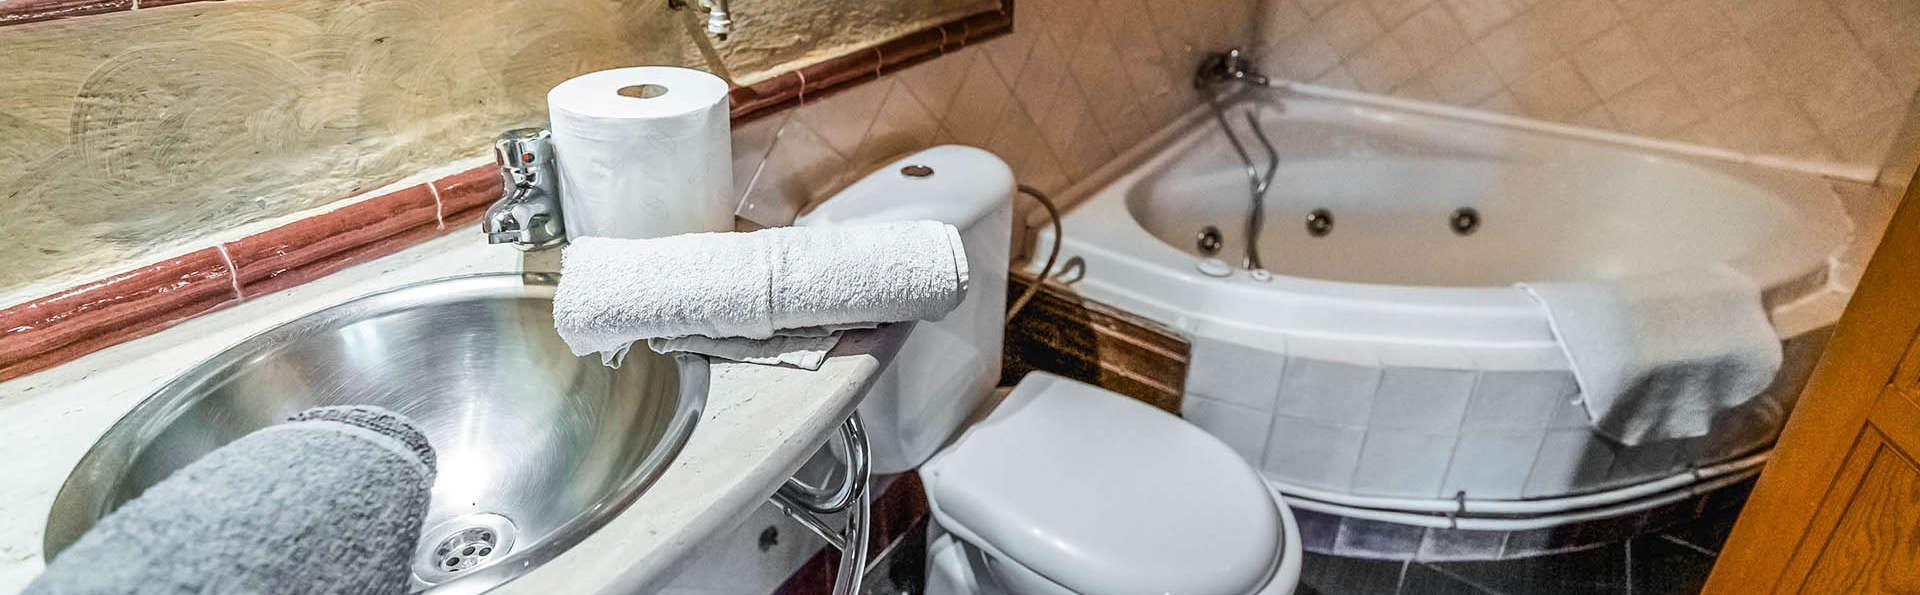 Escápate en pareja a este Bungalow con bañera hidromasaje entre Granada y Sierra Nevada